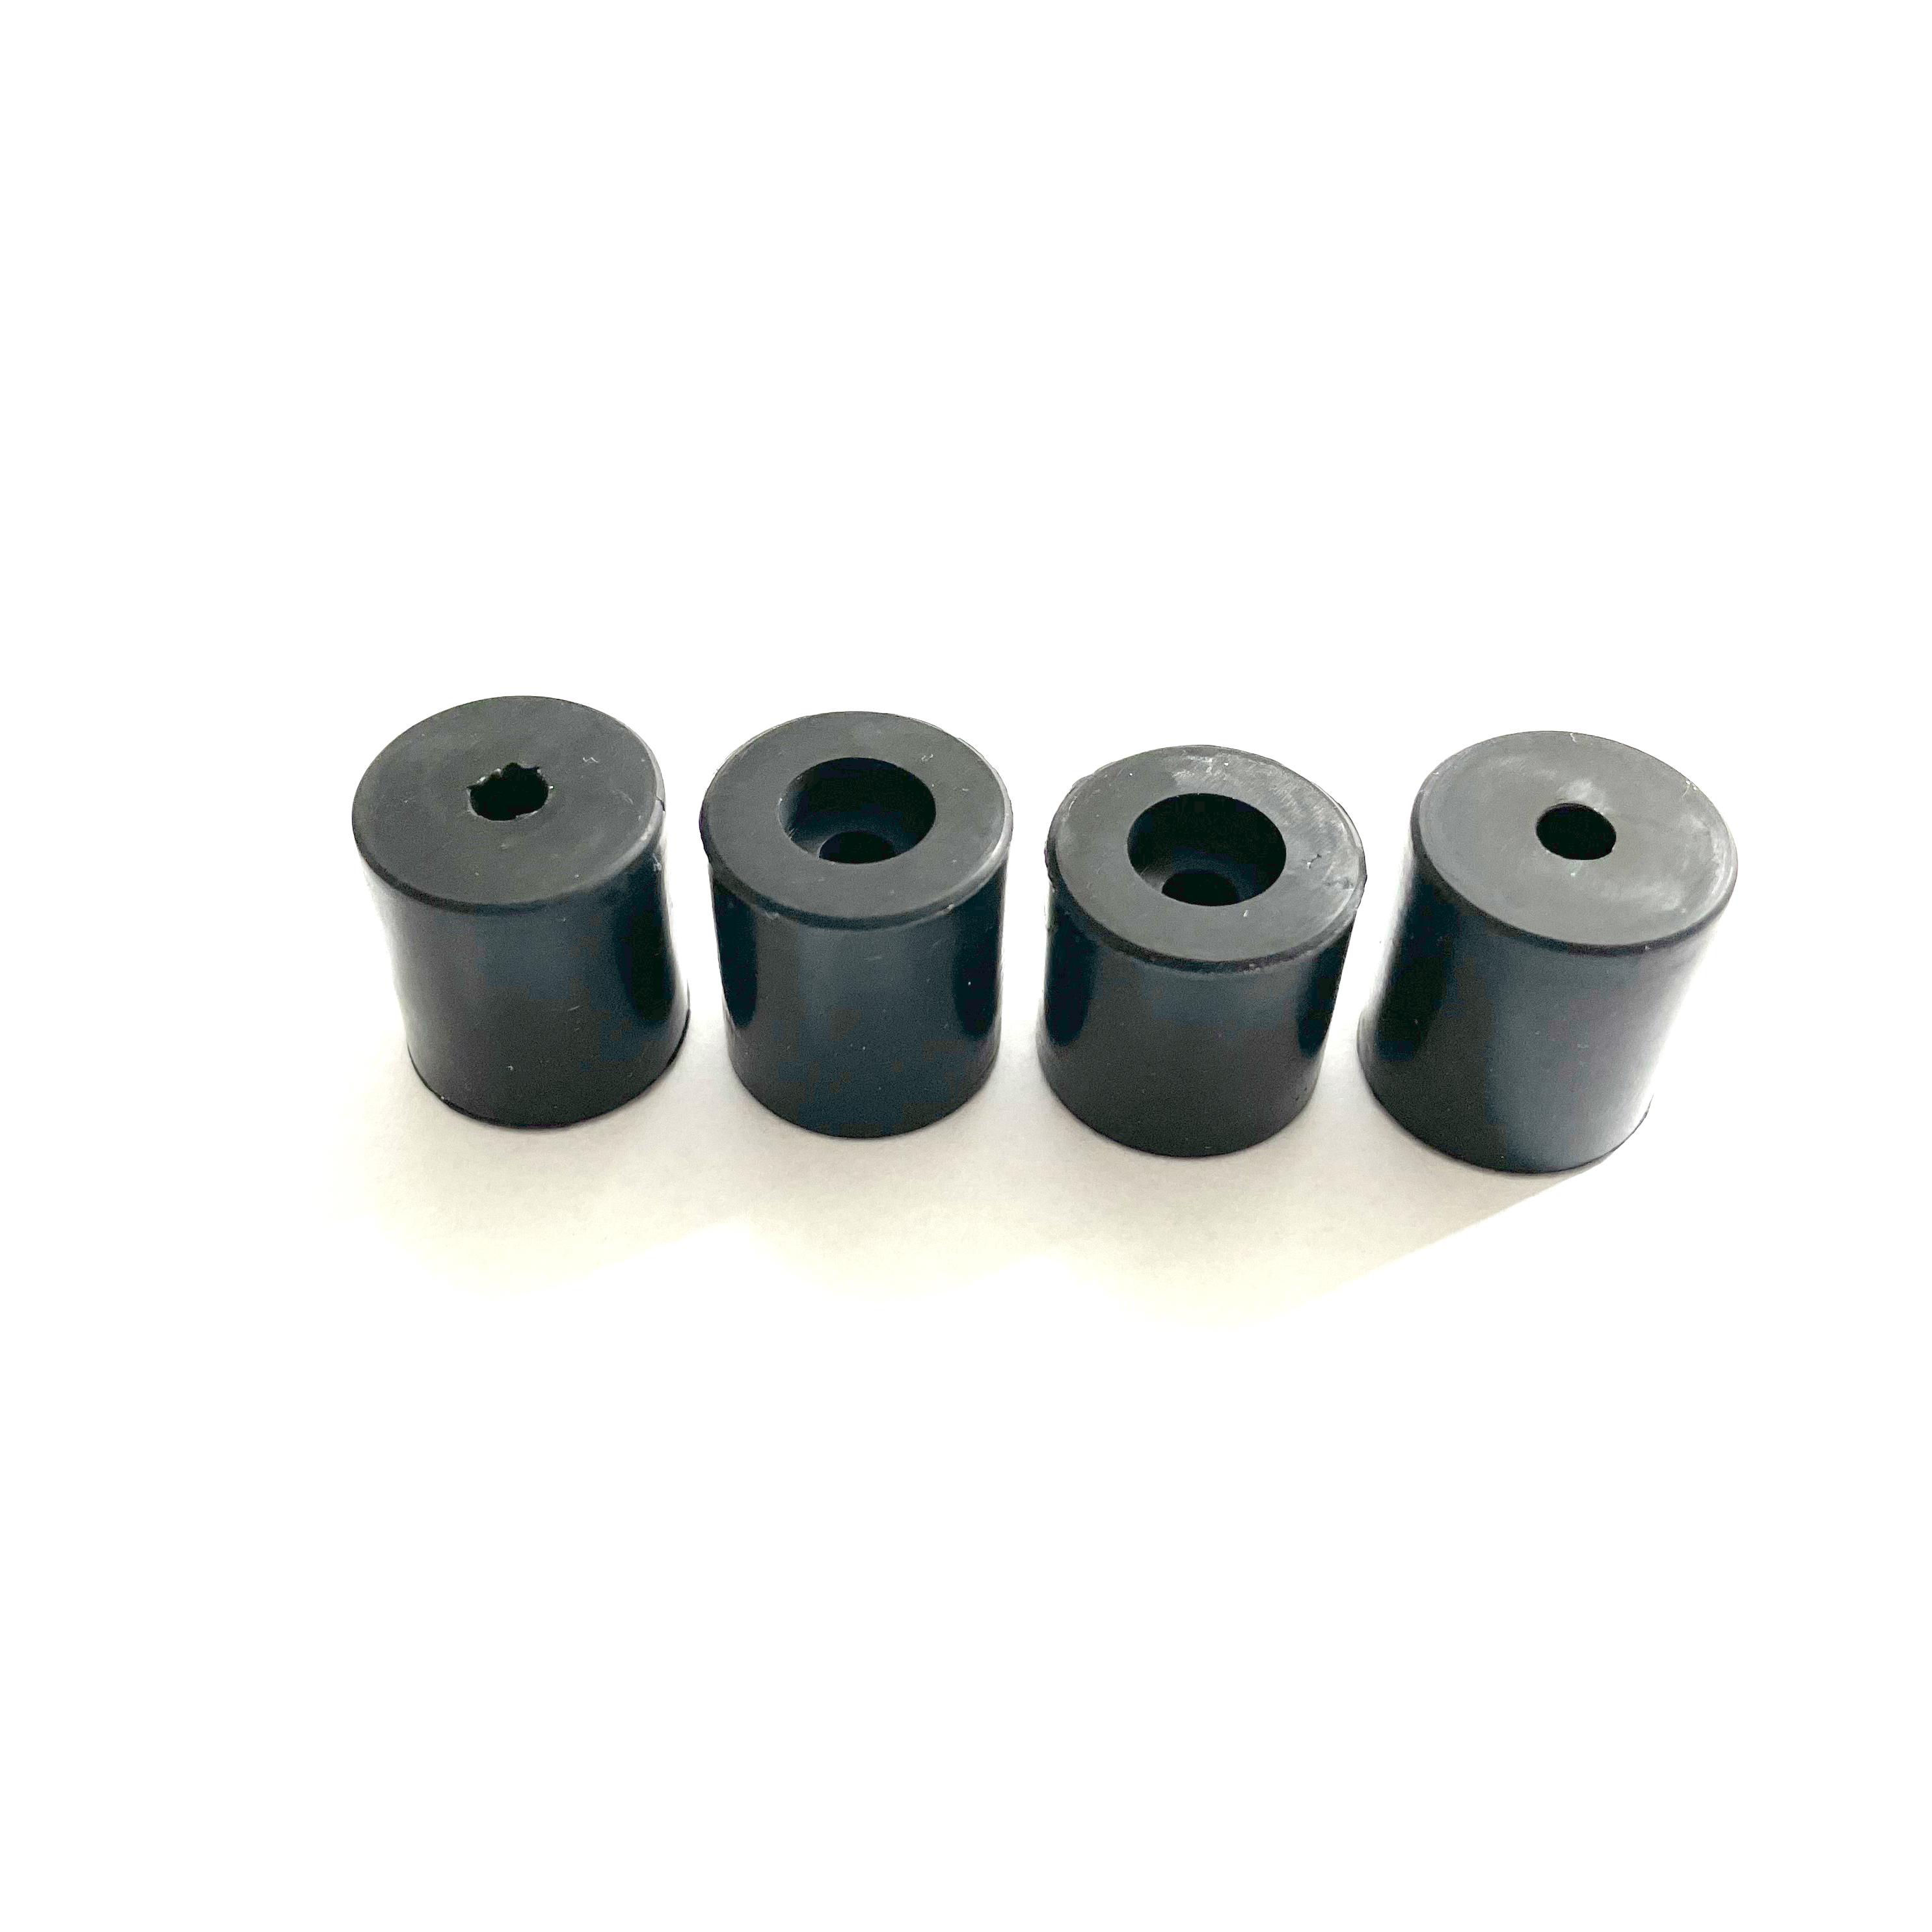 Silikondämpfer 3x 18mm 1x 16mm für Druckbetten mit Betterdung